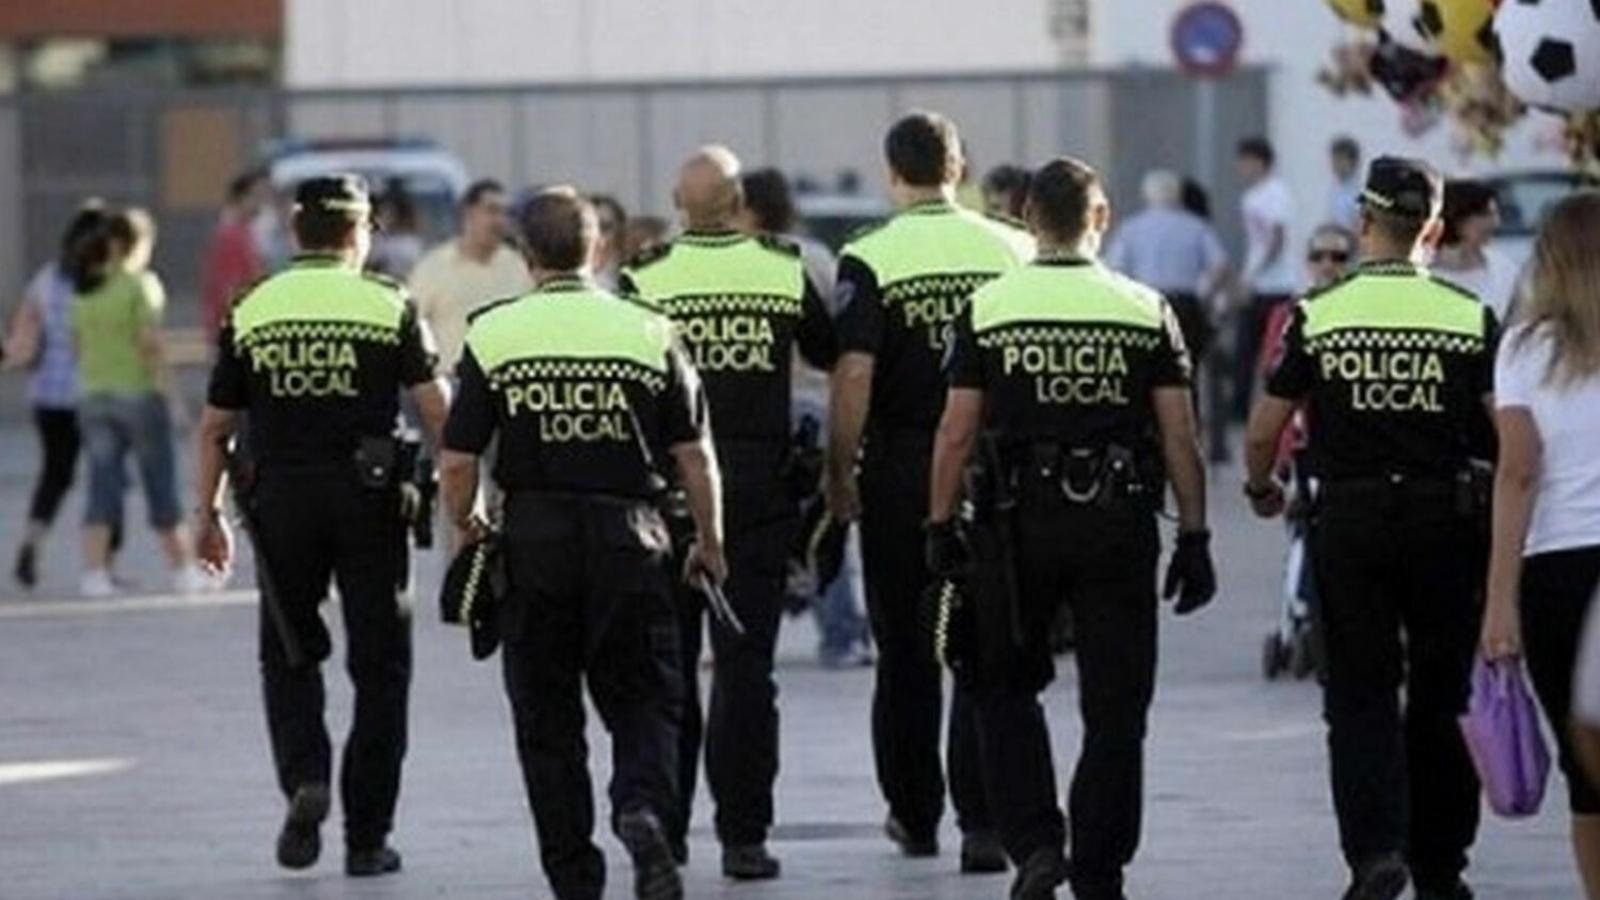 L'Ajuntament de Ciutadella ha solucionat una de les principals problemàtiques que afectaven la seguretat.